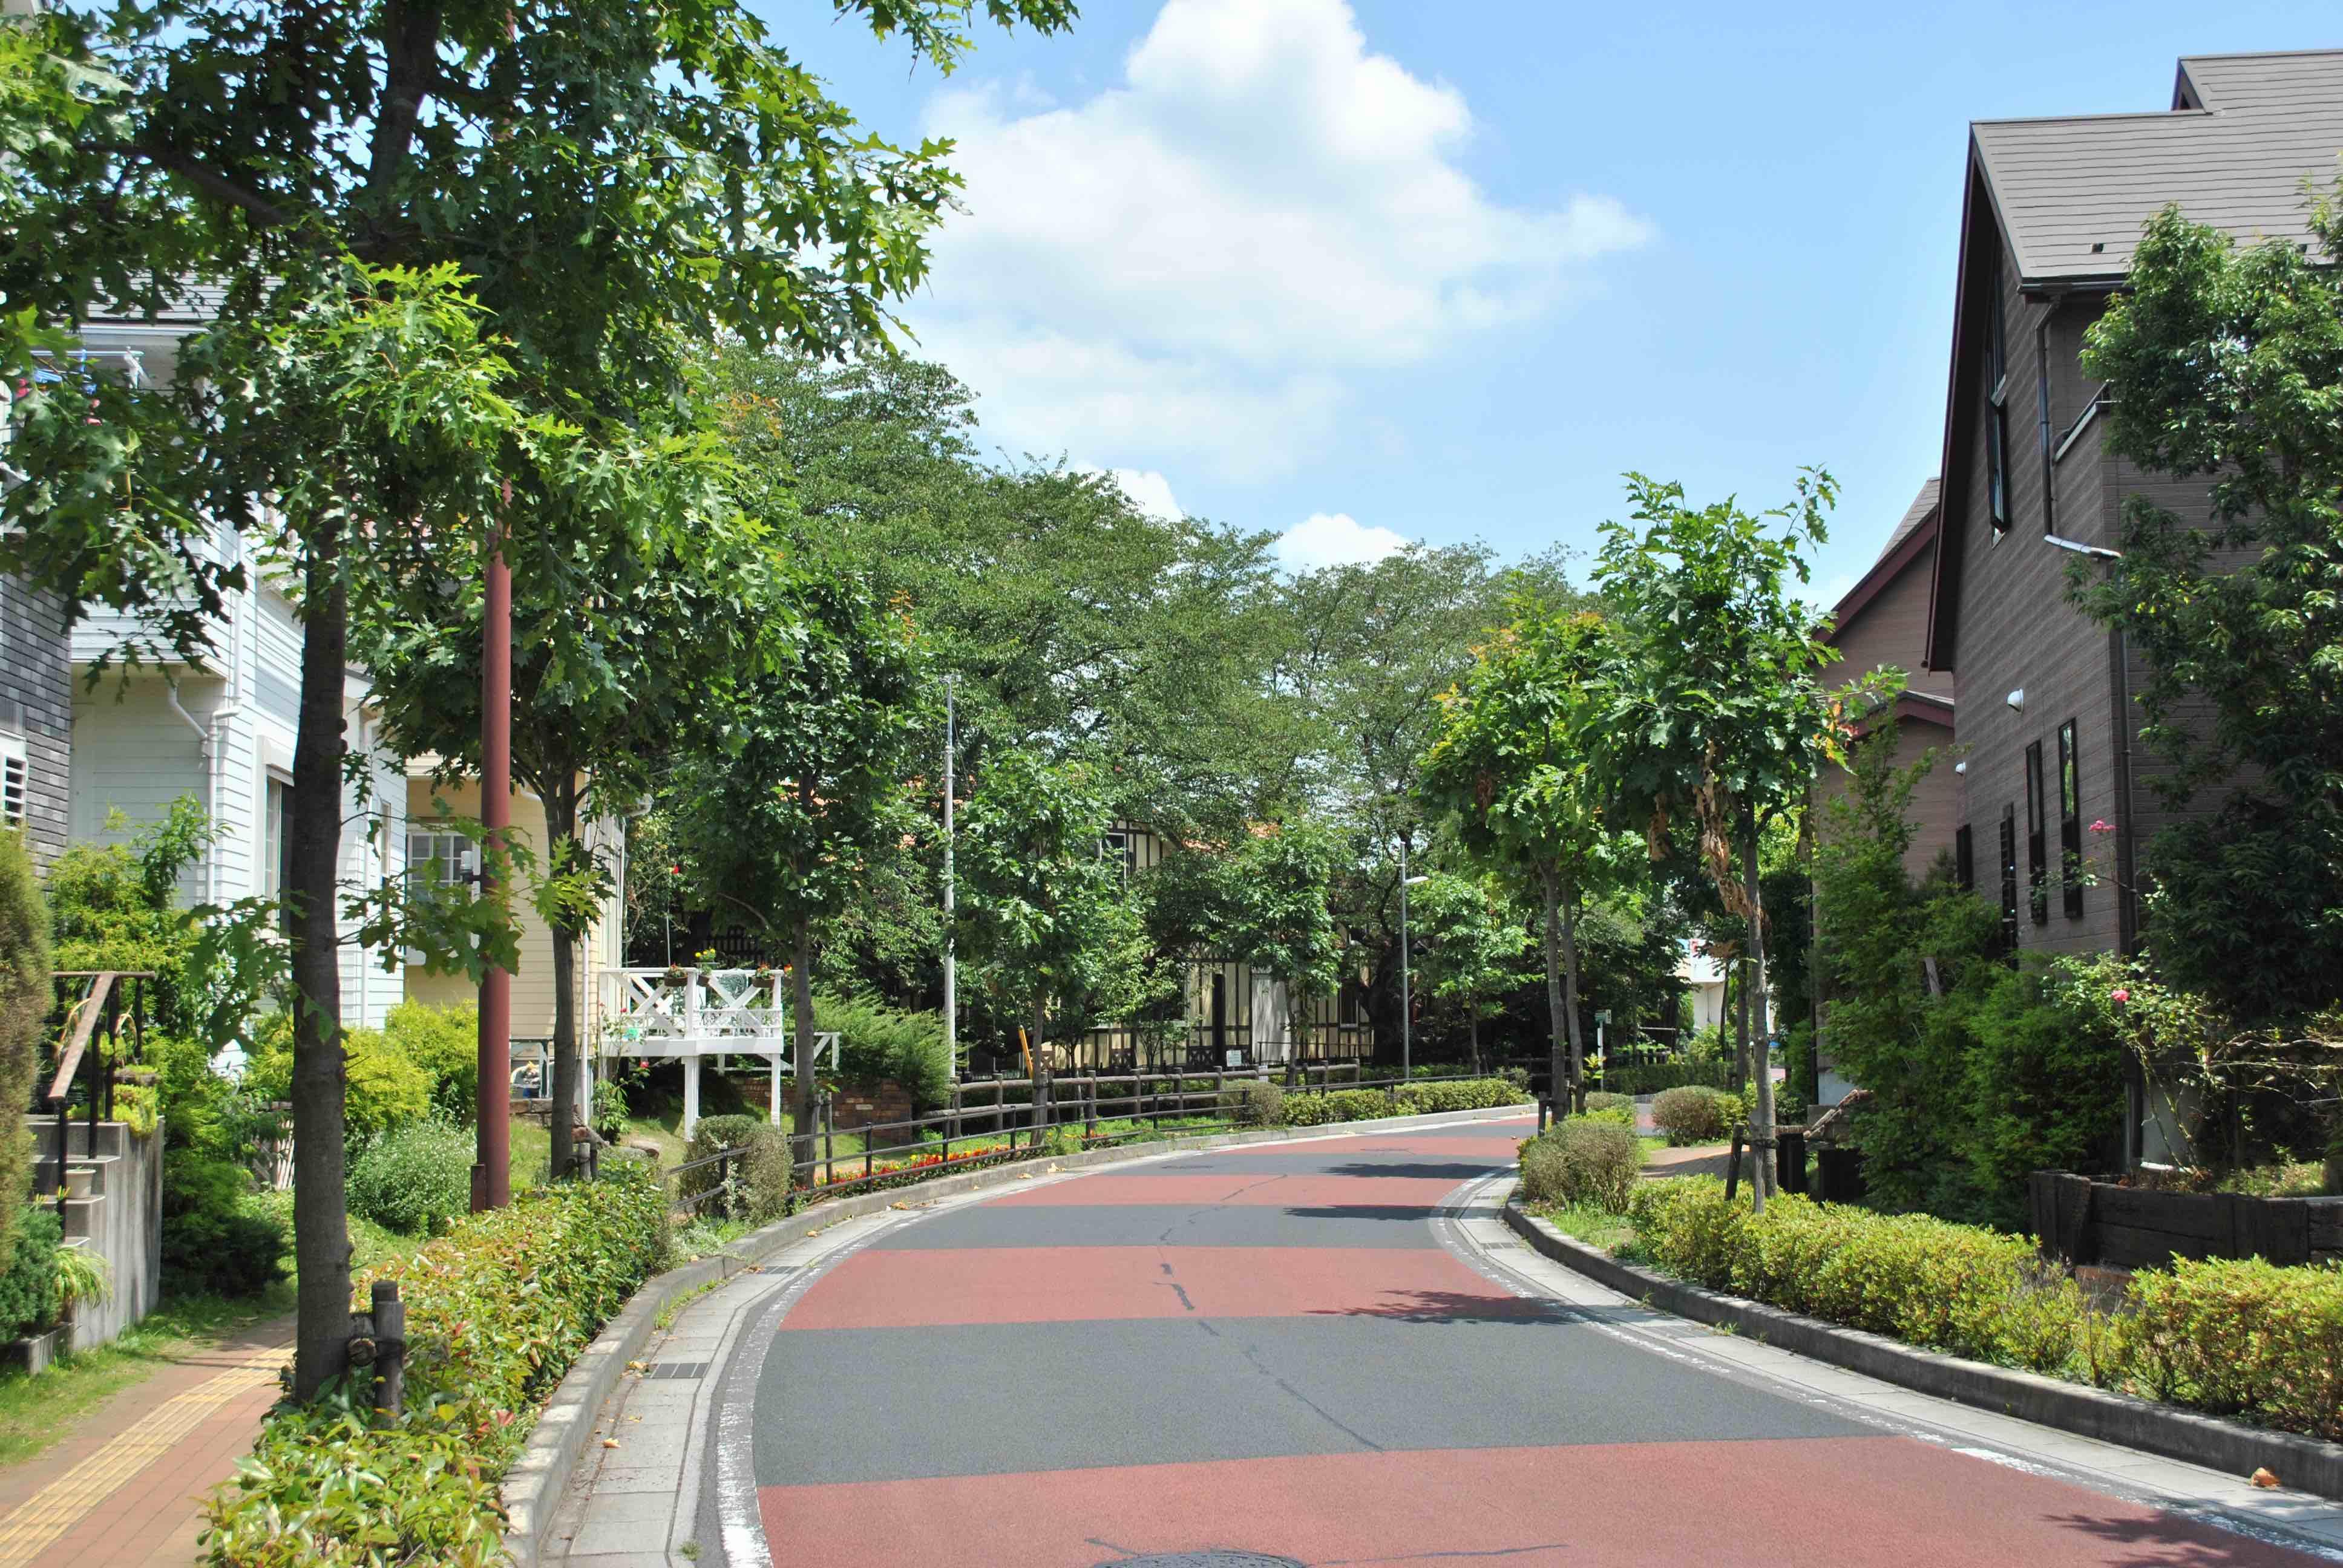 緑溢れる街並